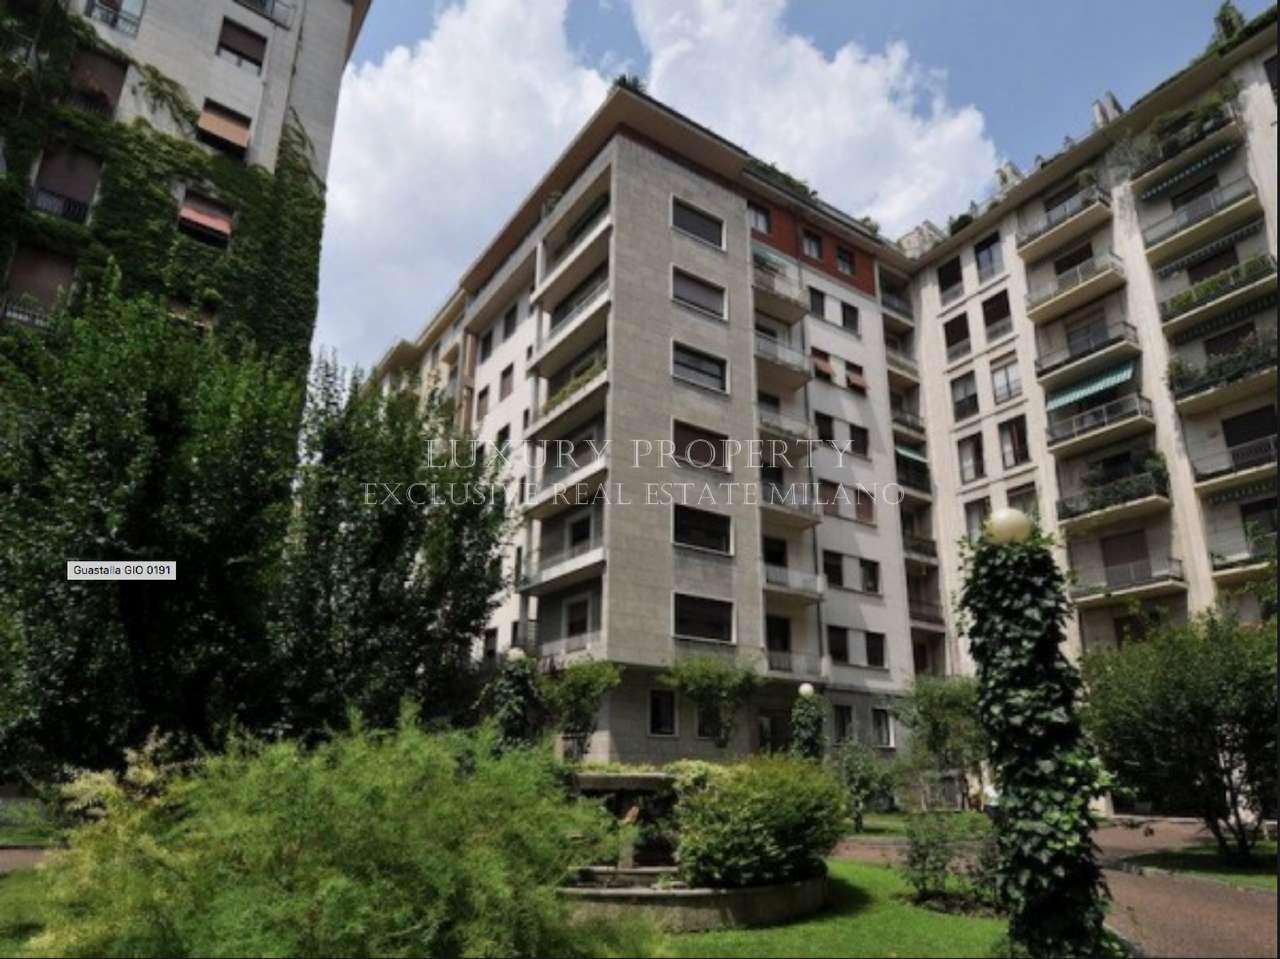 Appartamento in Vendita a Milano via della guastalla